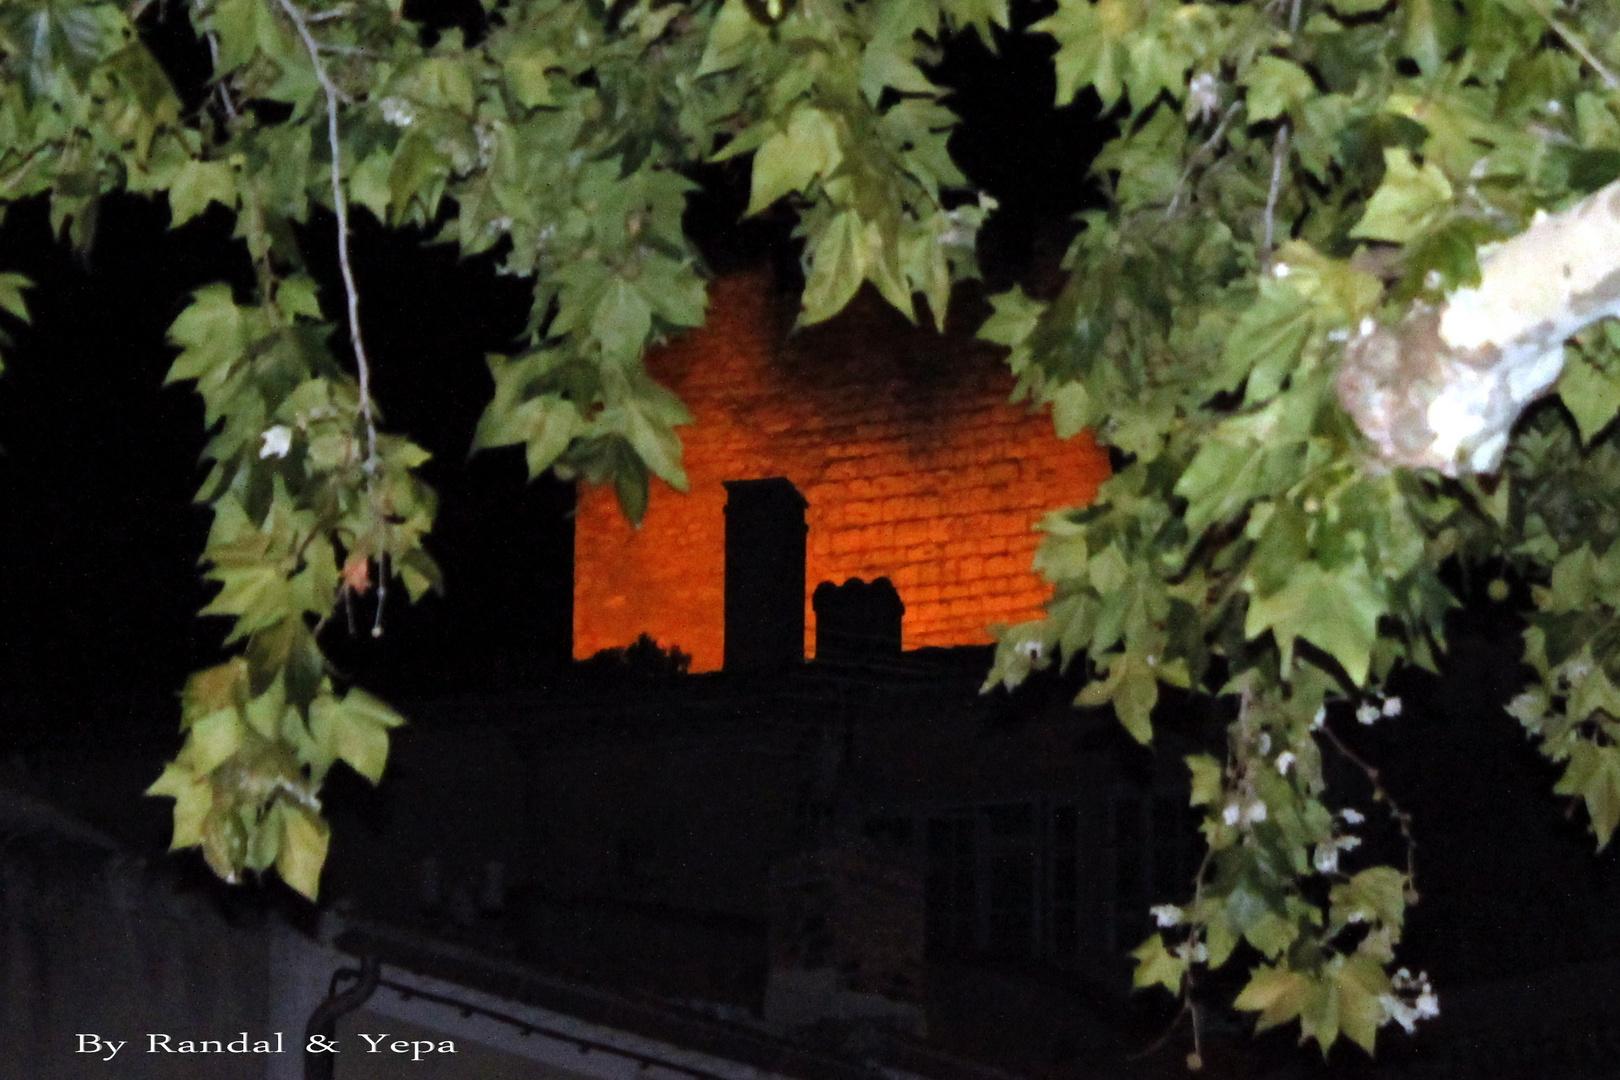 Dans la nuit à Pernes les Fontaines